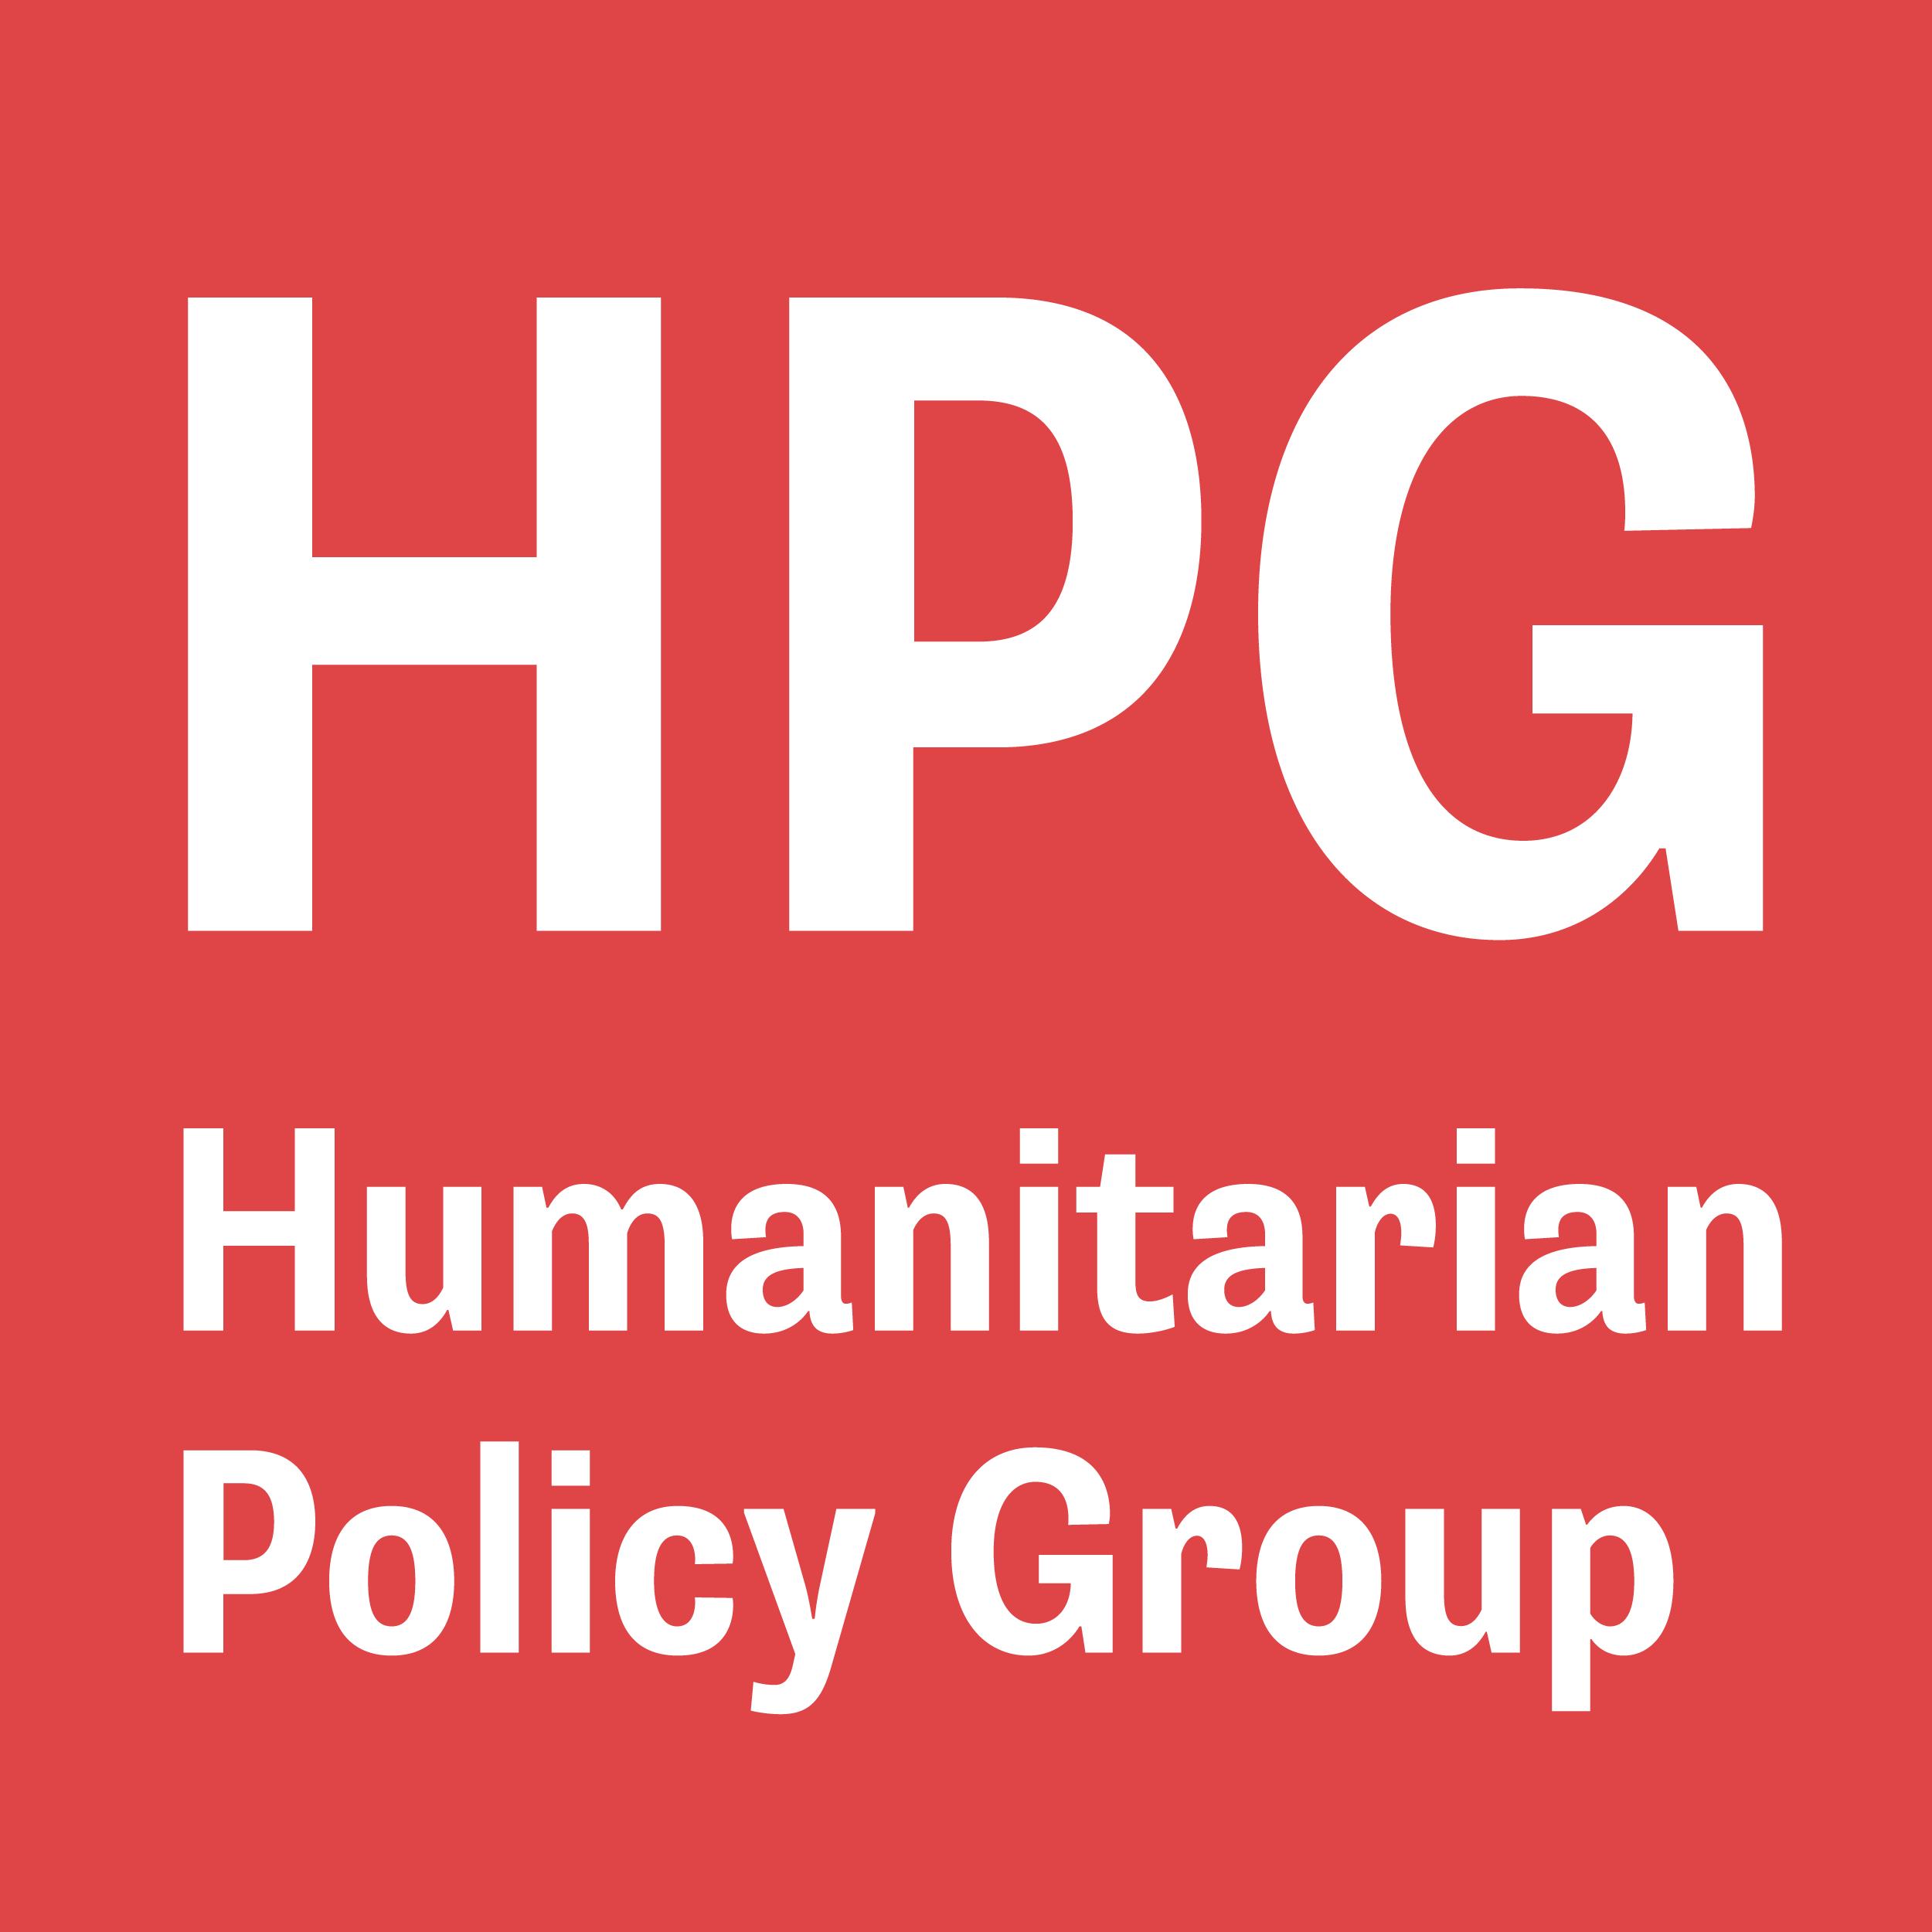 Humanitarian Policy Group Logo 2019.